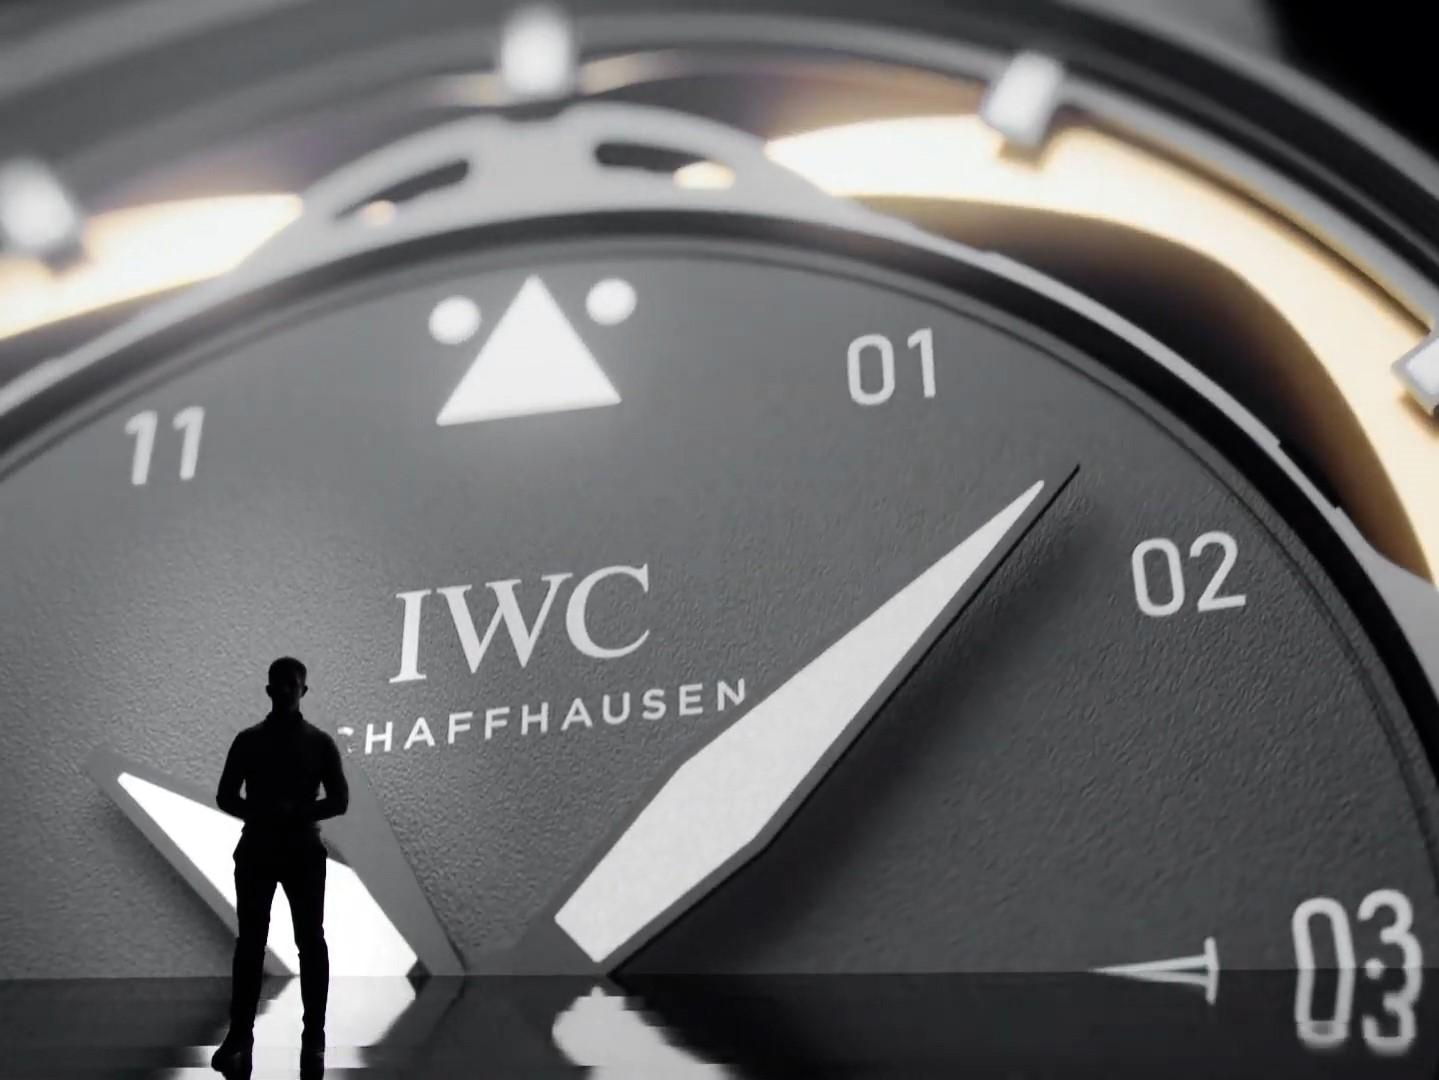 IWC CEO Chris Grainger-Herr in the LEDcave PRO